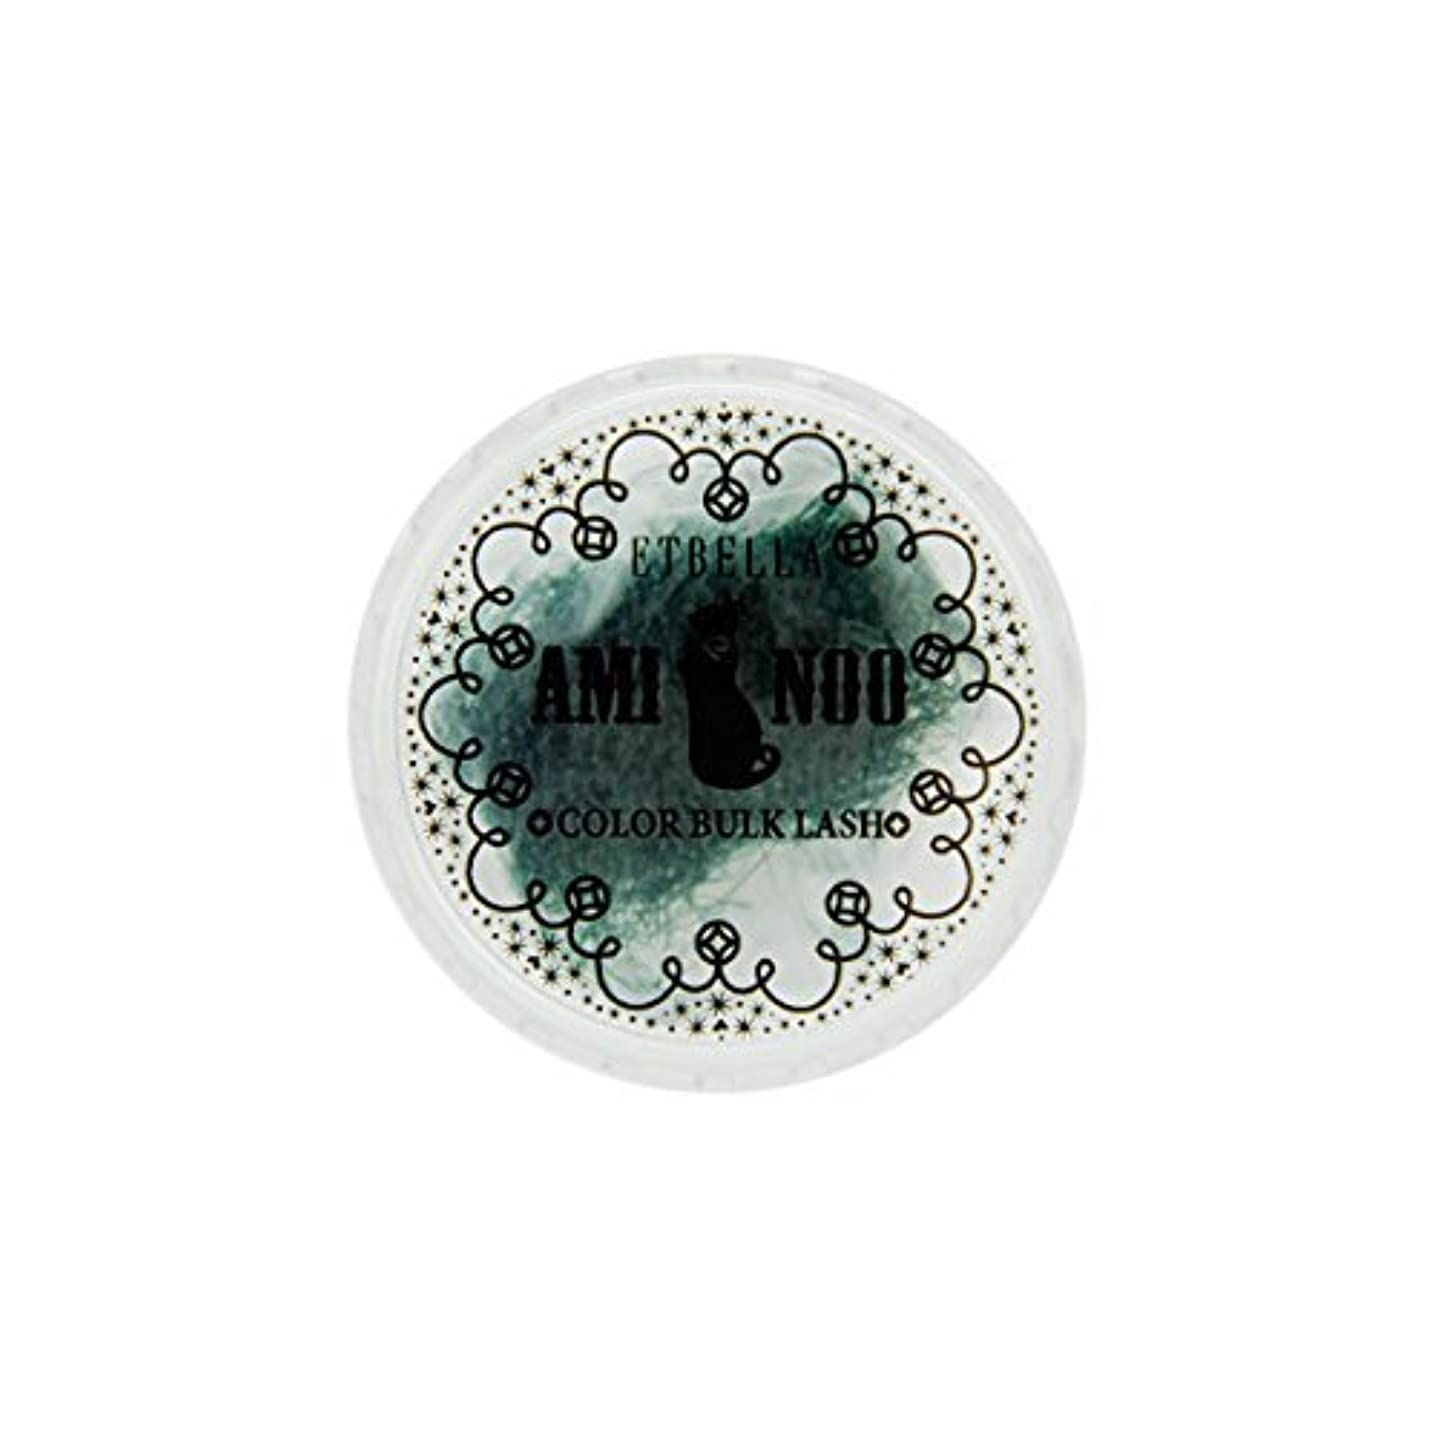 マーティンルーサーキングジュニアうぬぼれ興味エトゥベラ アミヌ カラーラッシュ グリーン Cカール 太さ0.15mm×長さ9mm 0.2g